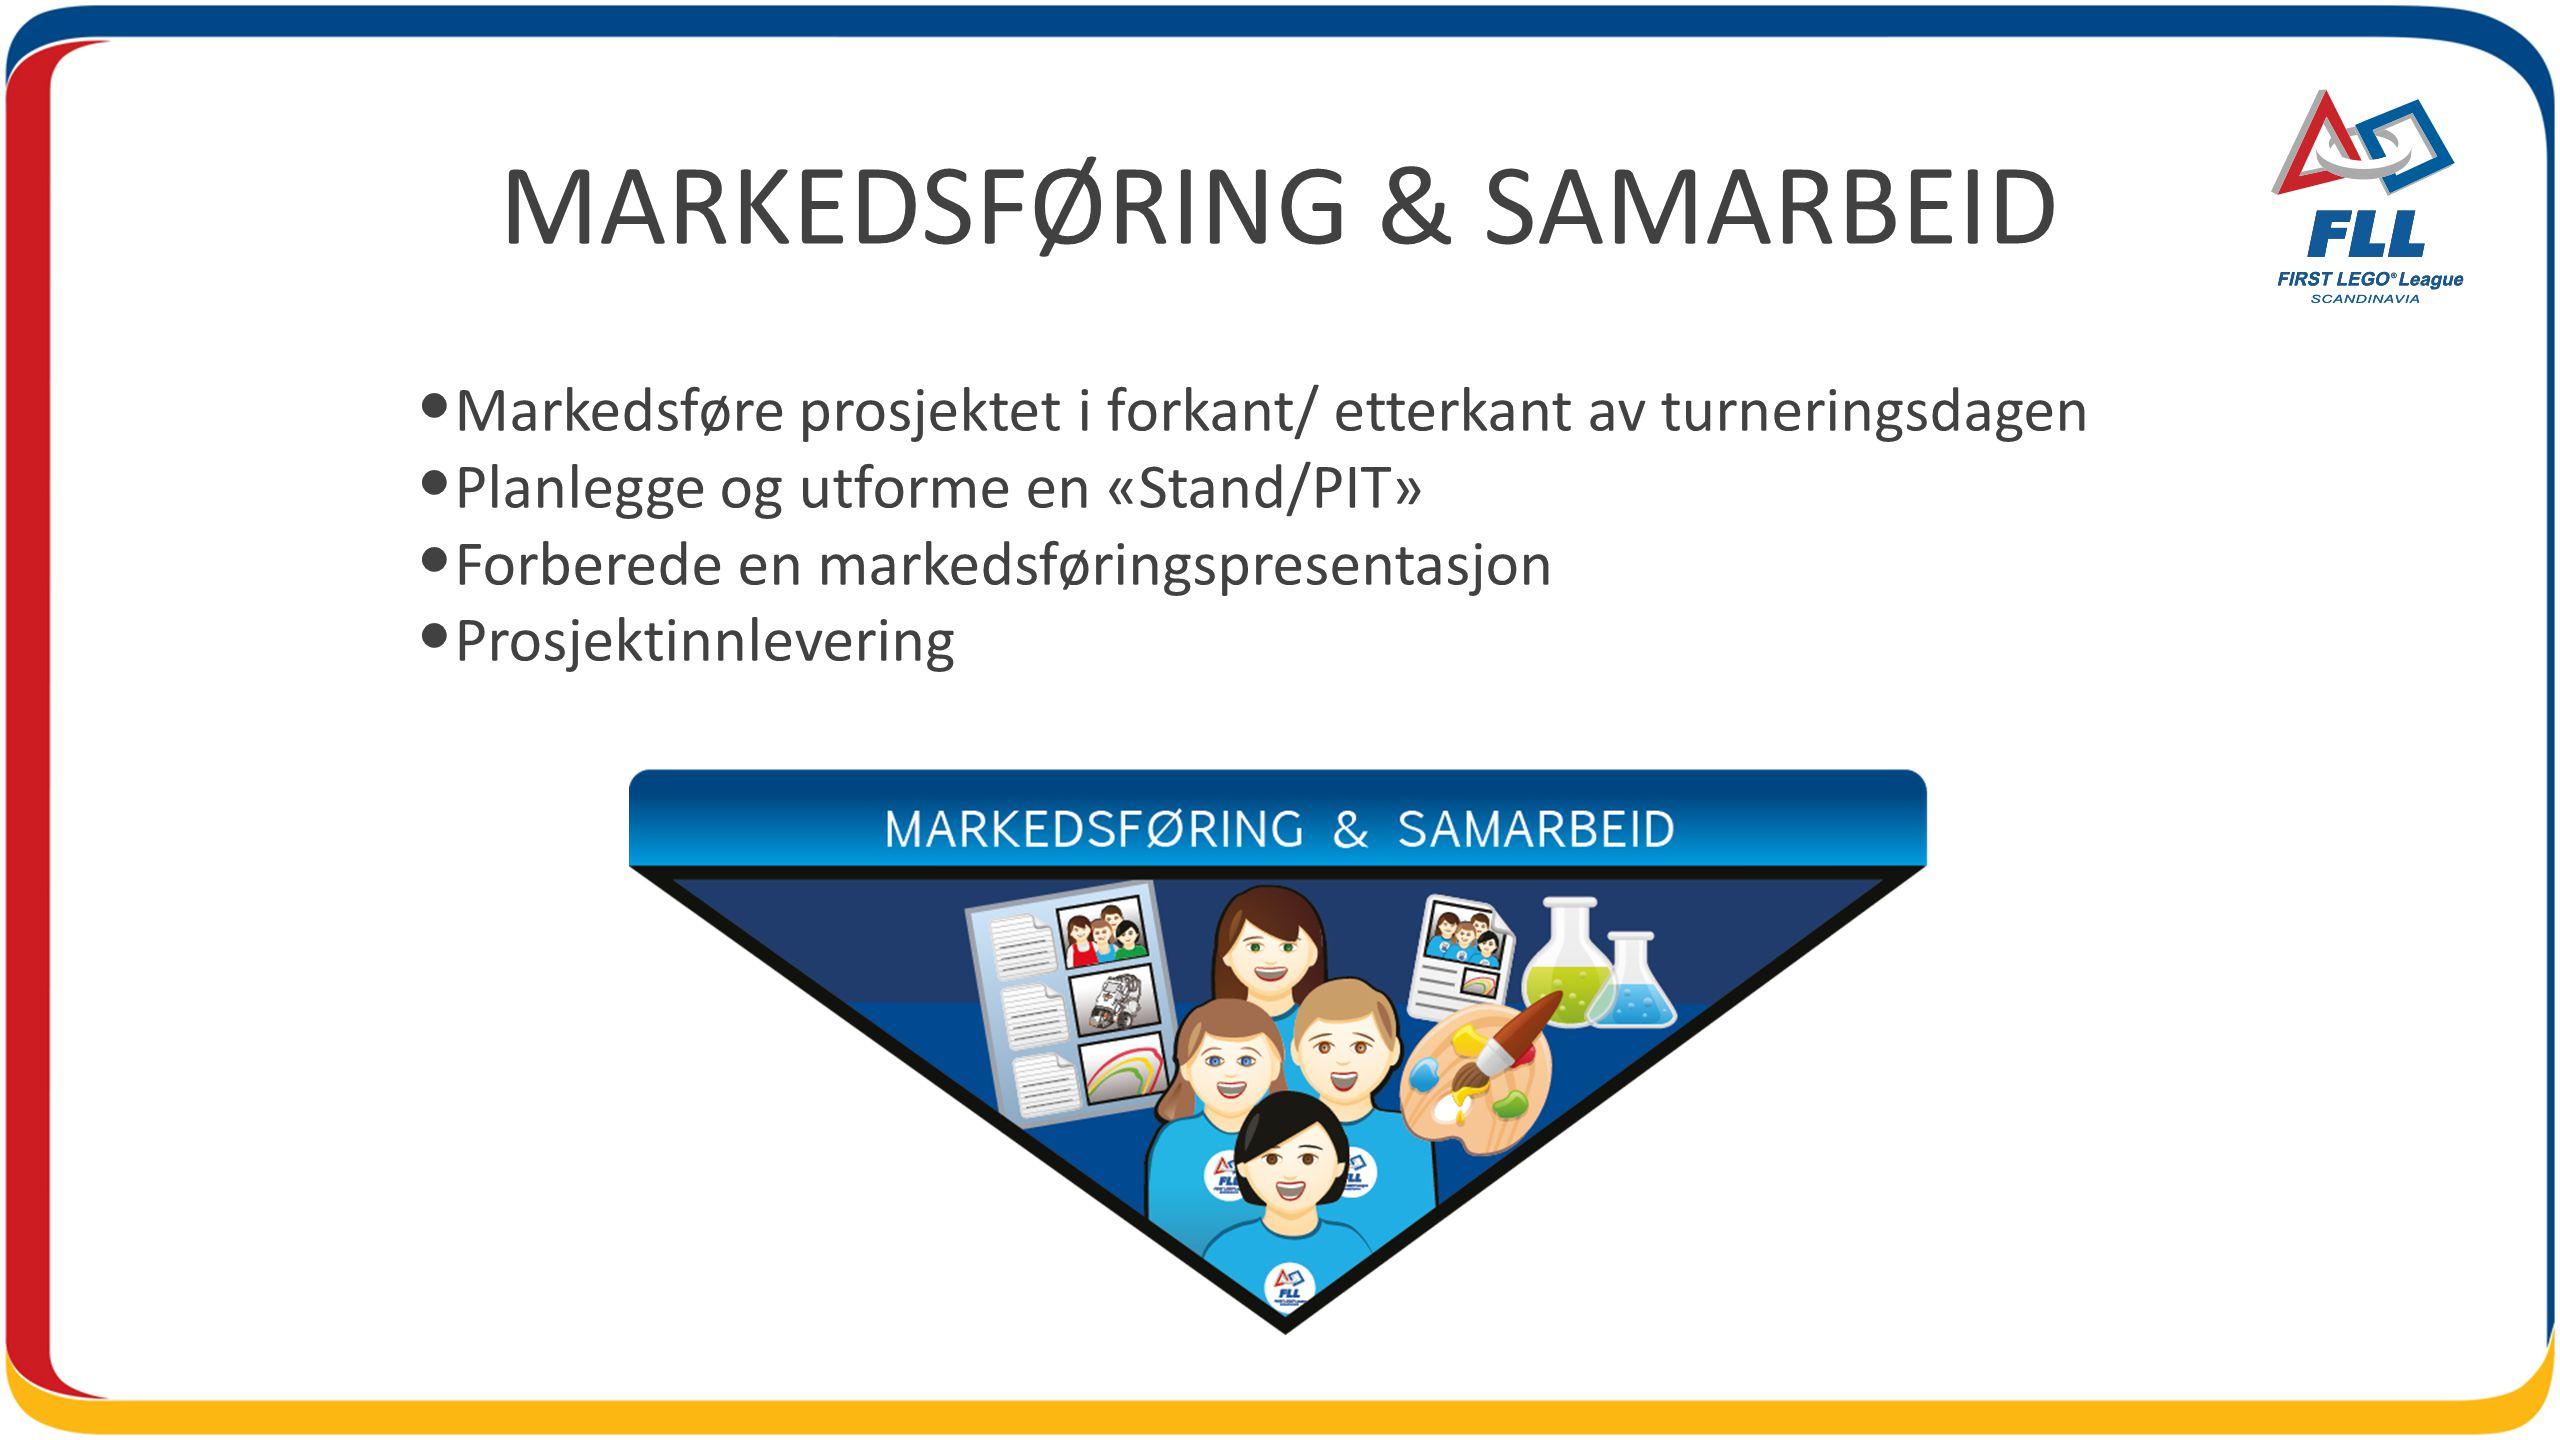 MARKEDSFØRING & SAMARBEID • Markedsføre prosjektet i forkant/ etterkant av turneringsdagen • Planlegge og utforme en «Stand/PIT» • Forberede en marked